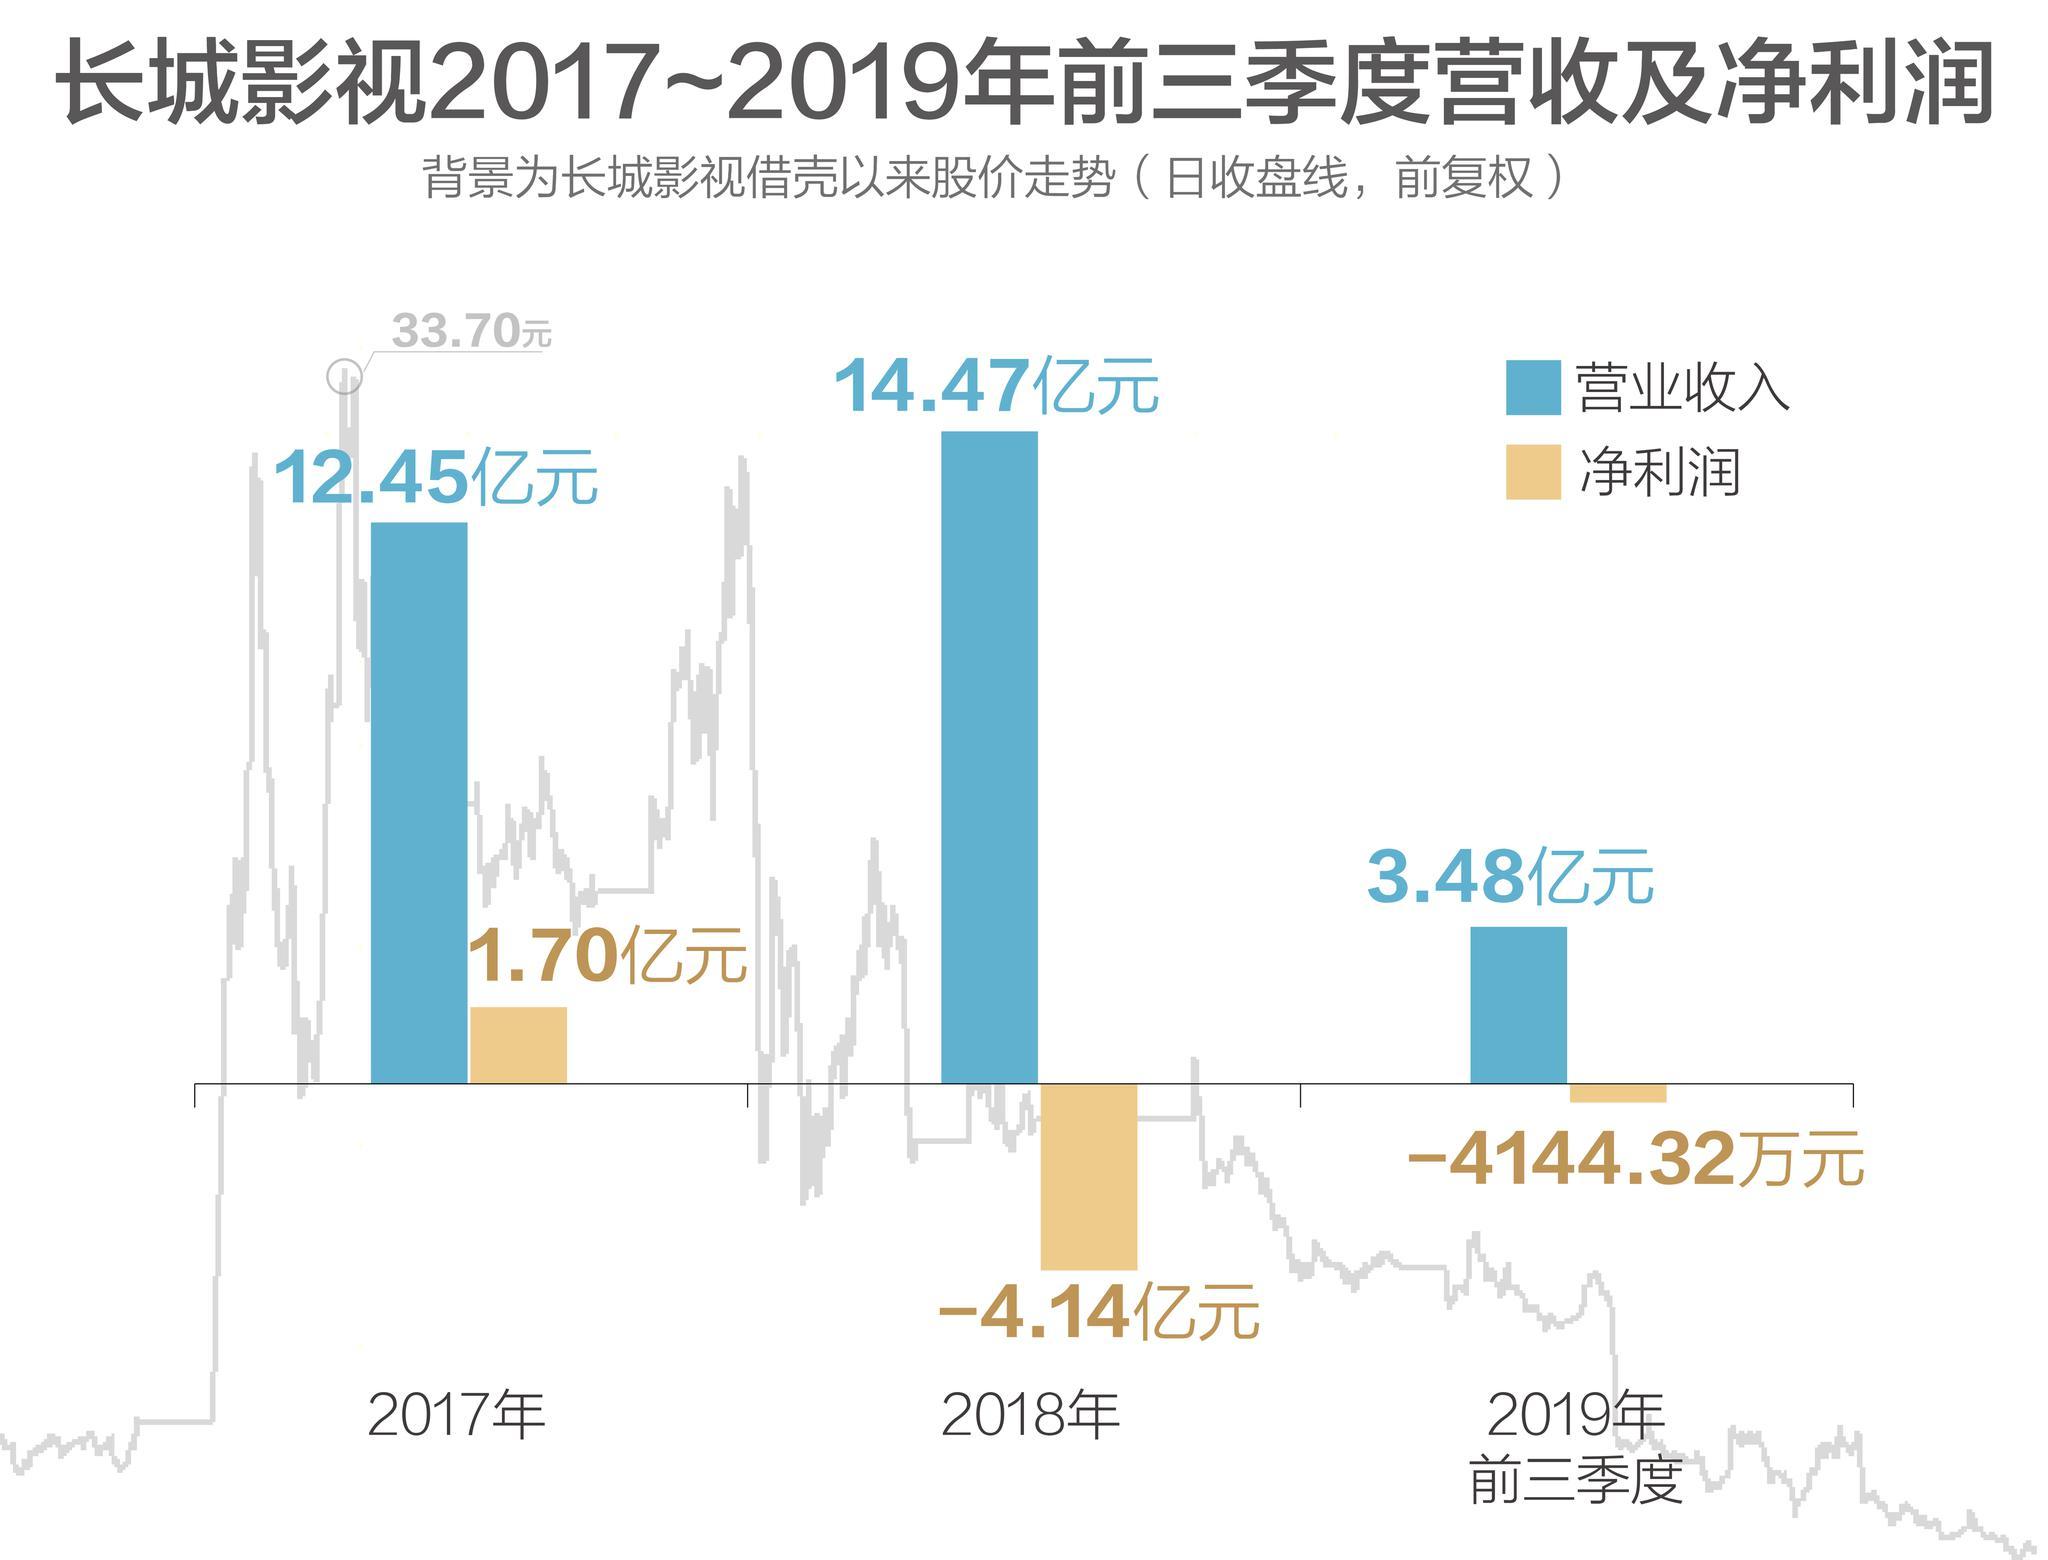 数据来源:Wind,公司财报 制图:刘国梅